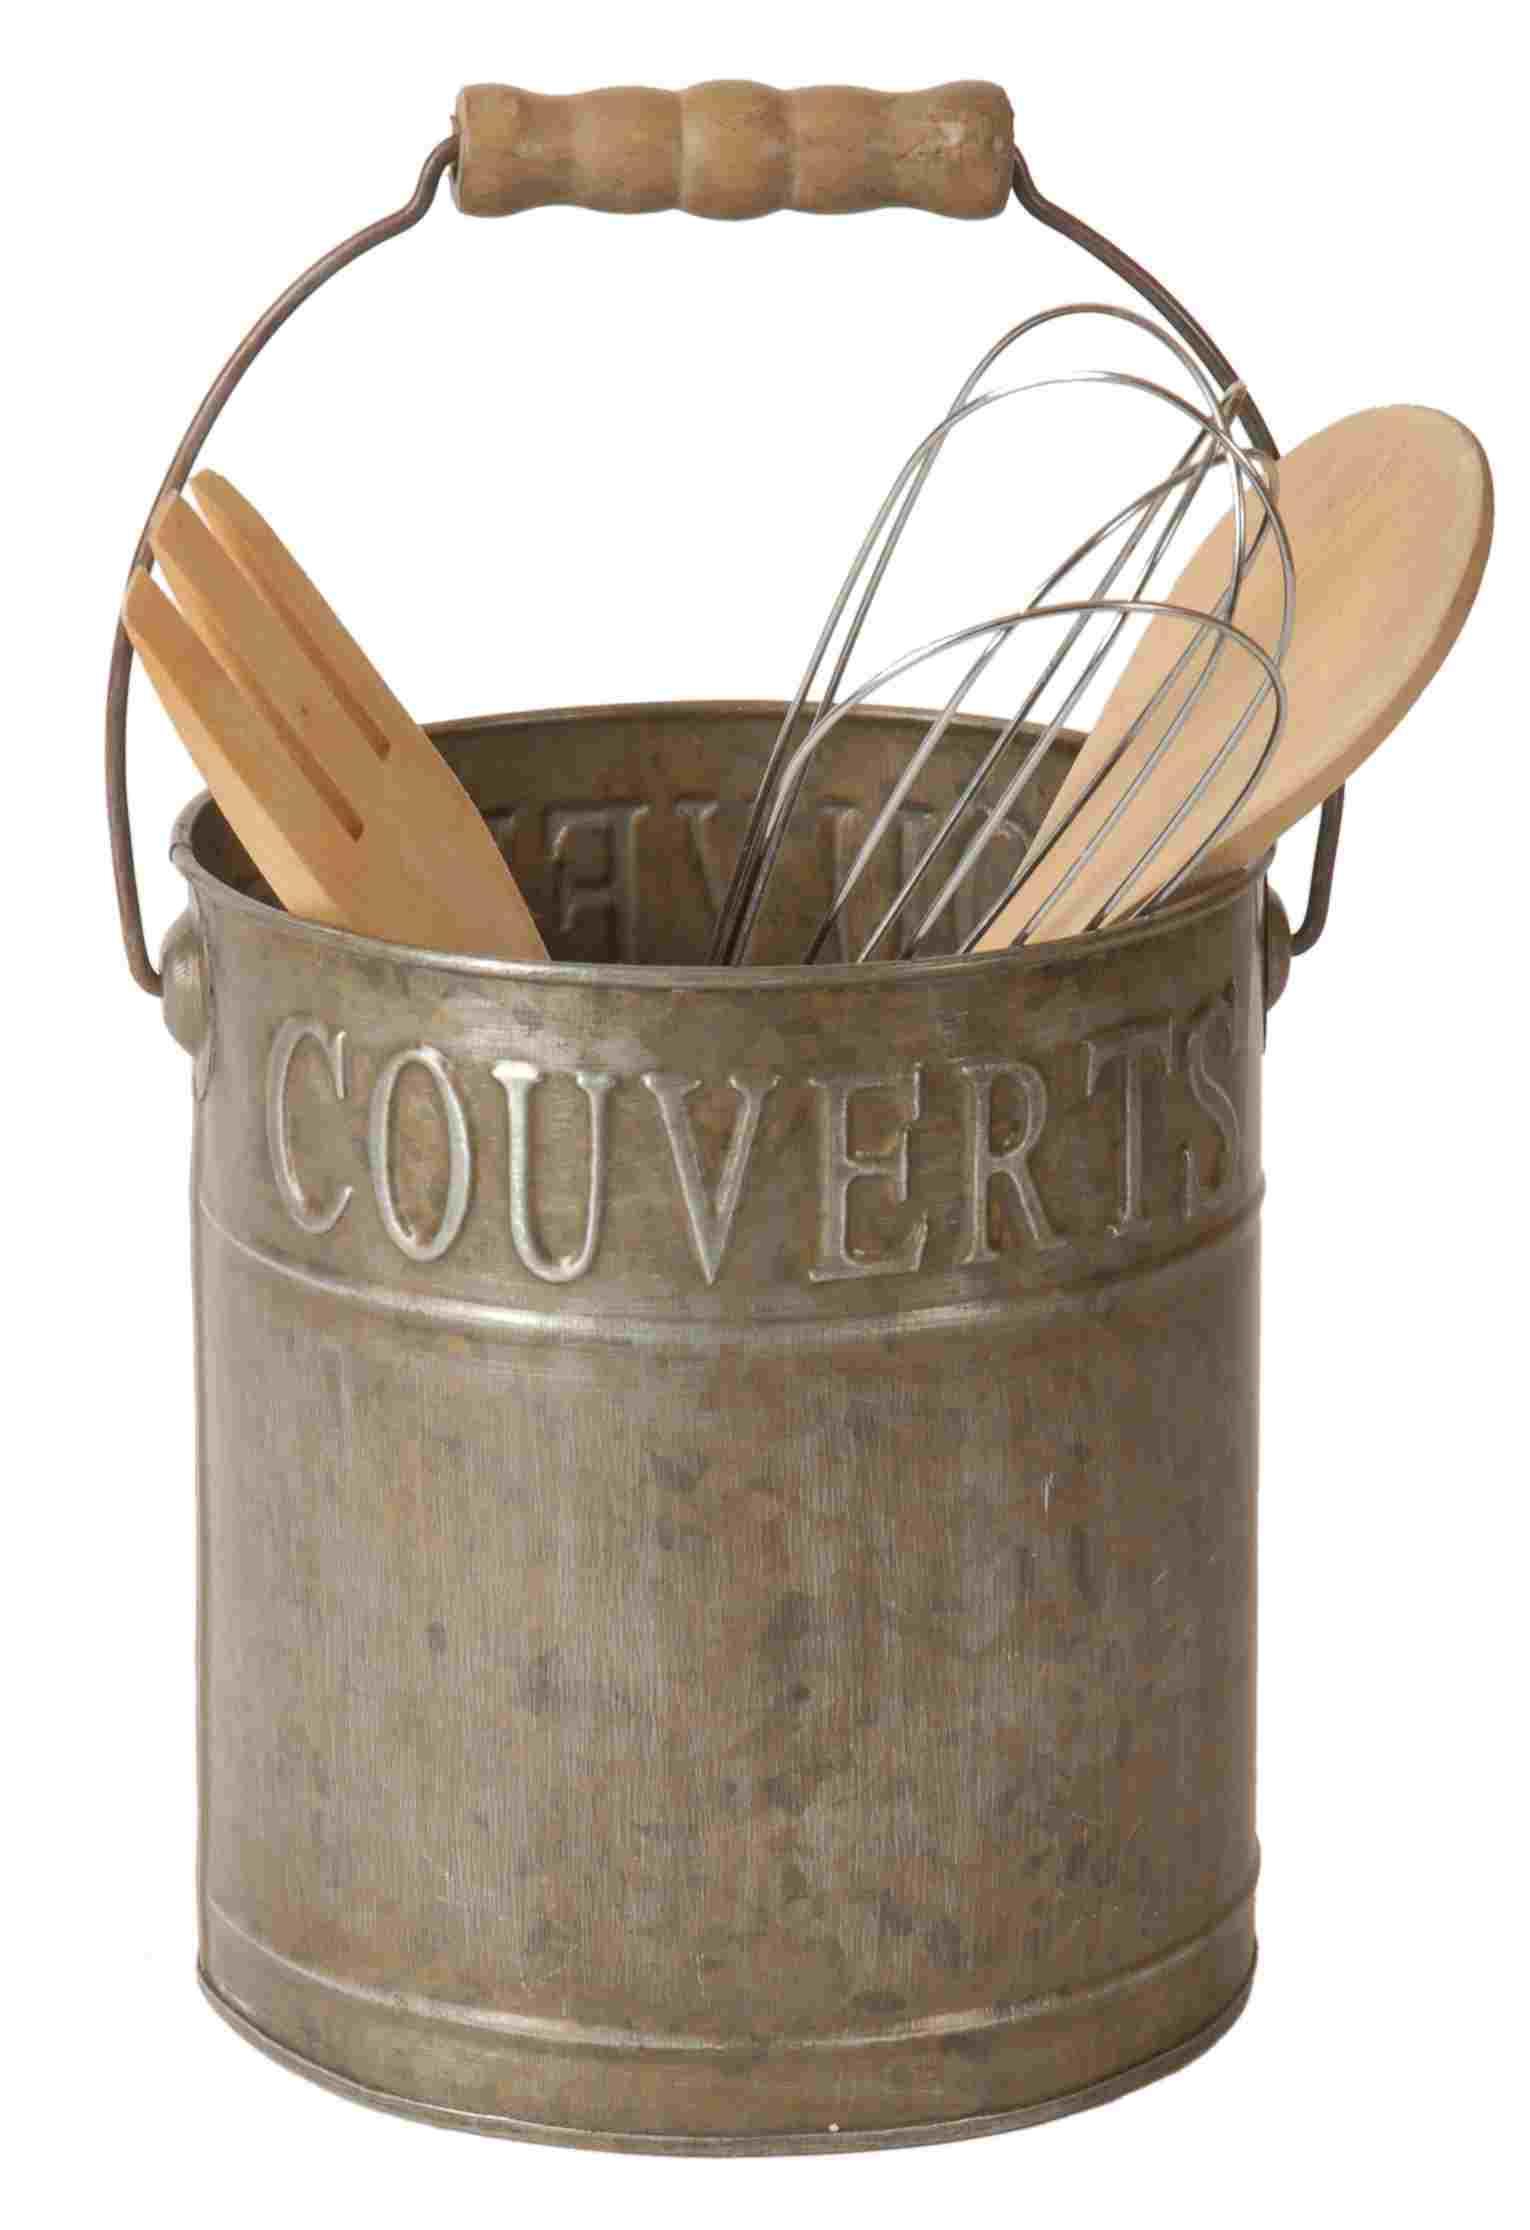 Pot couverts ustensiles une anse en zinc for Objets deco campagne